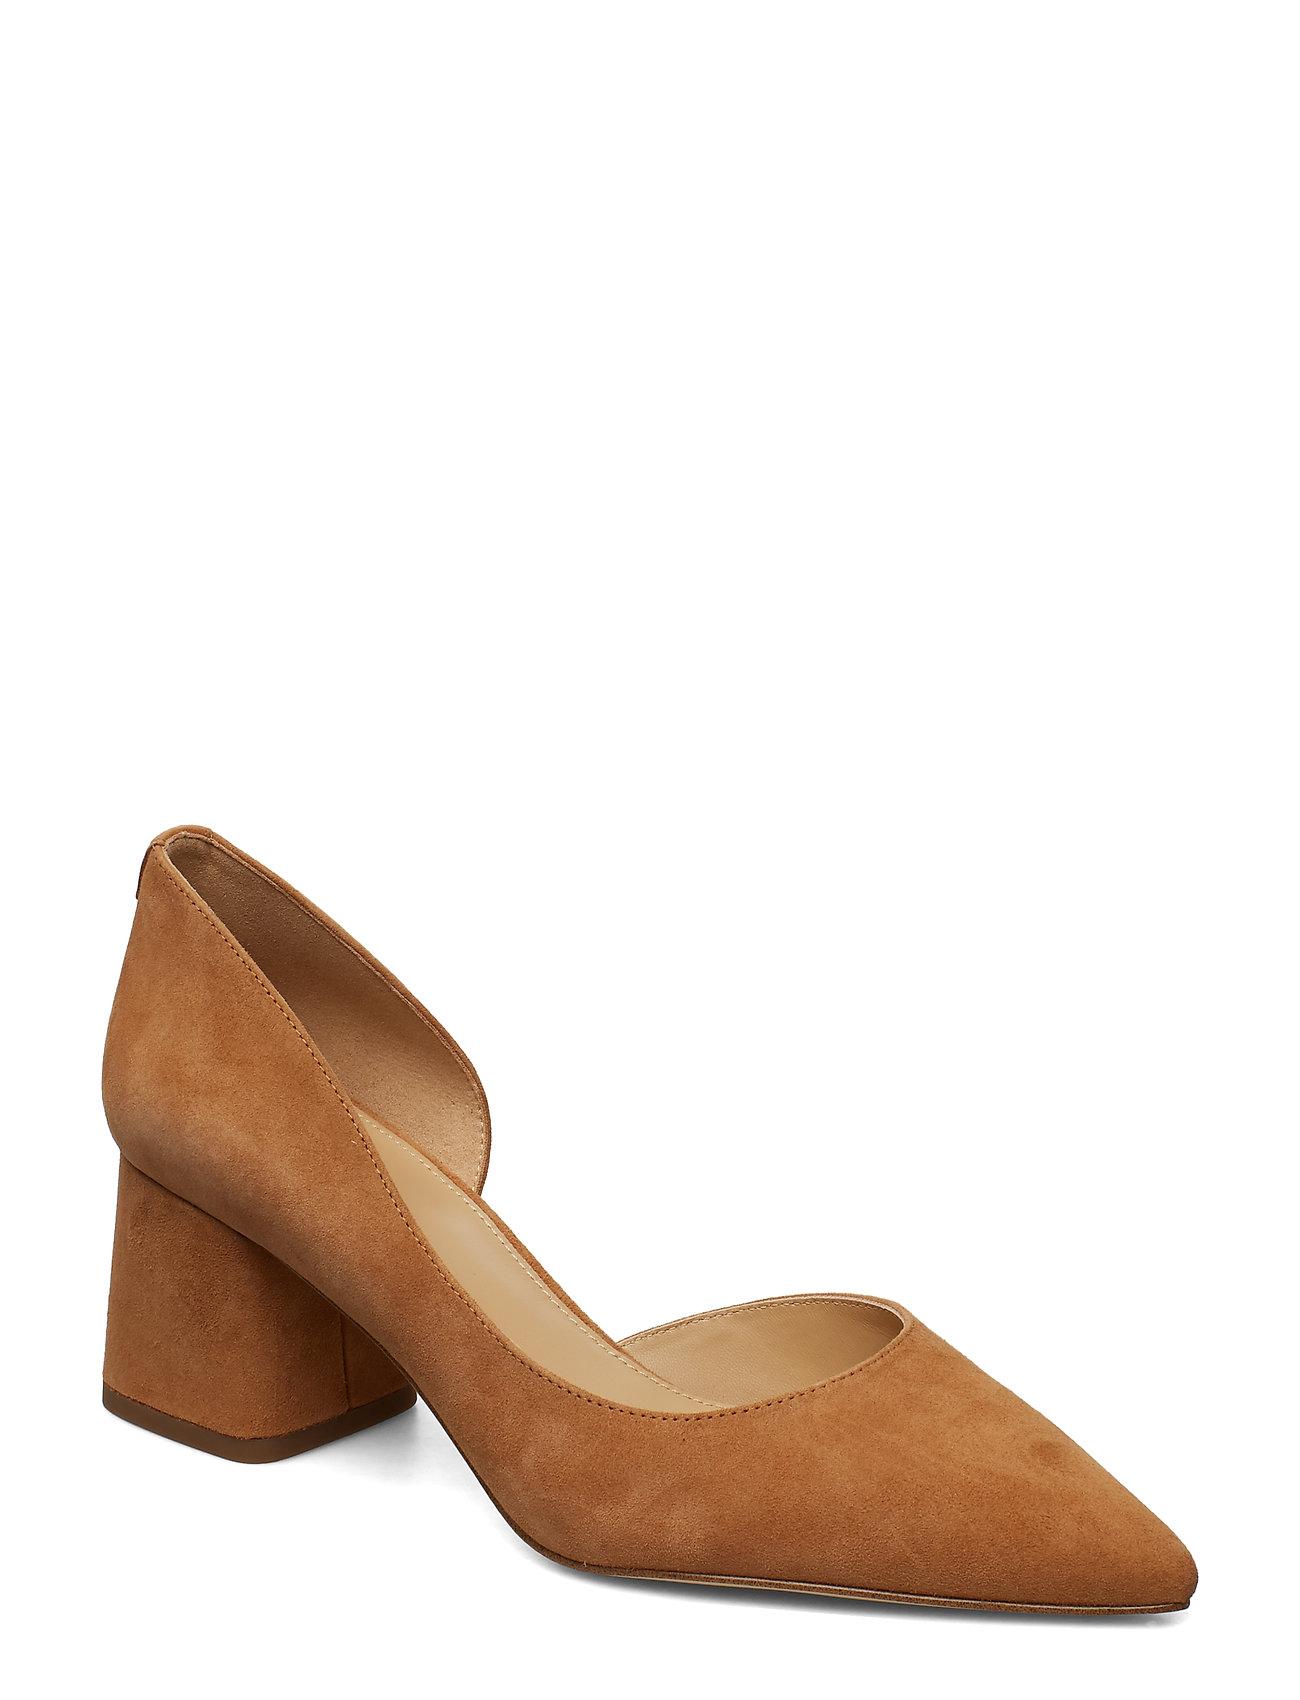 Michael Kors Shoes DIXON PUMP - ACORN